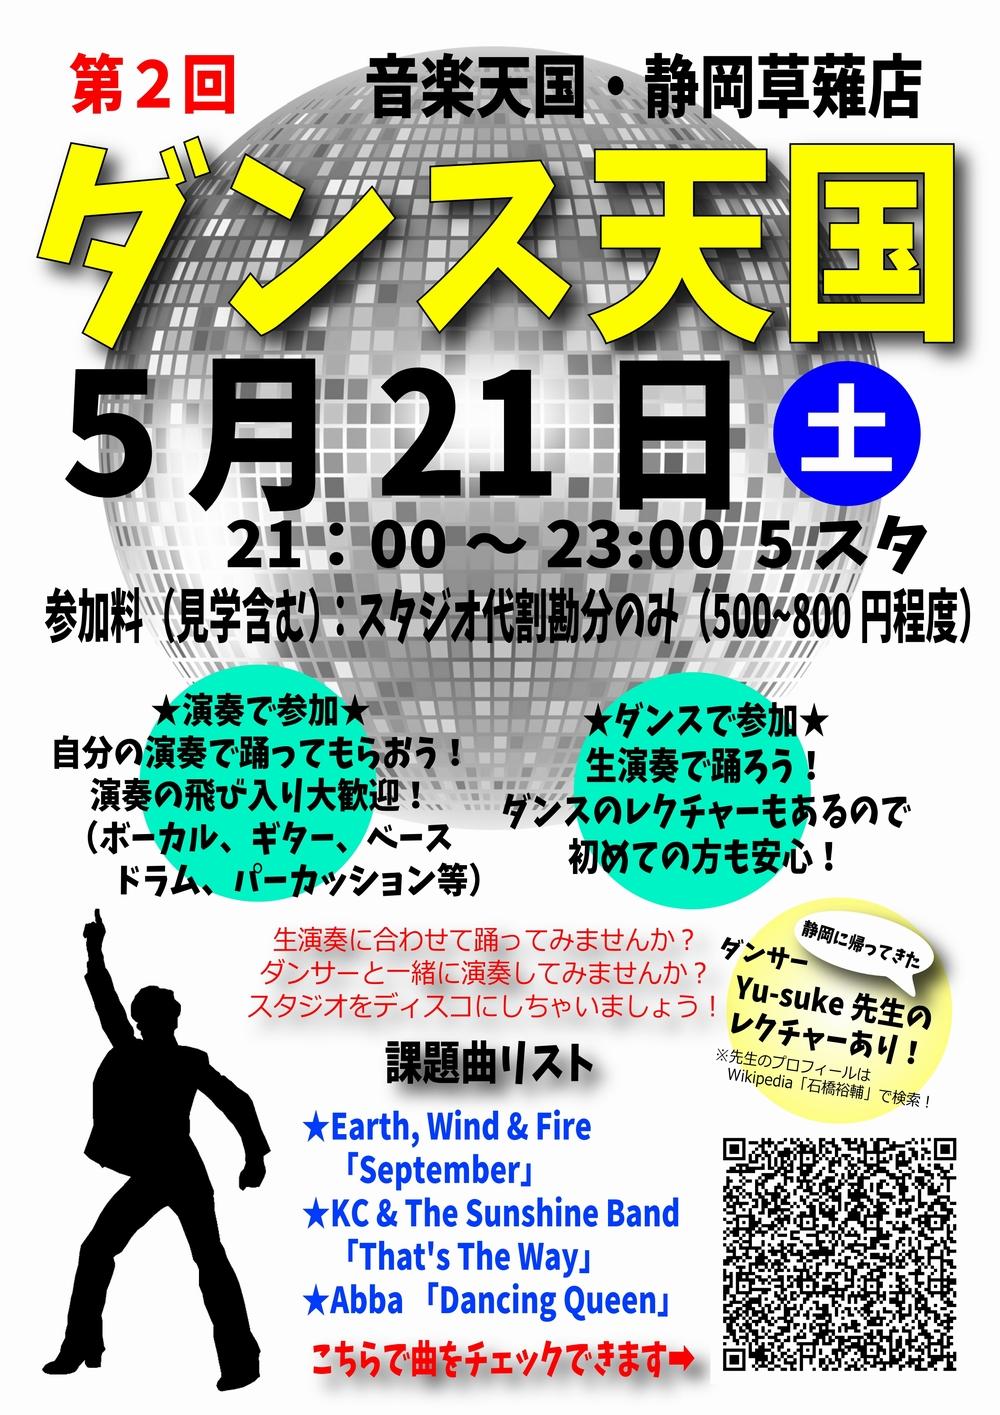 【ダンス天国】音楽天国・静岡草薙店5月21日(土)第二回開催